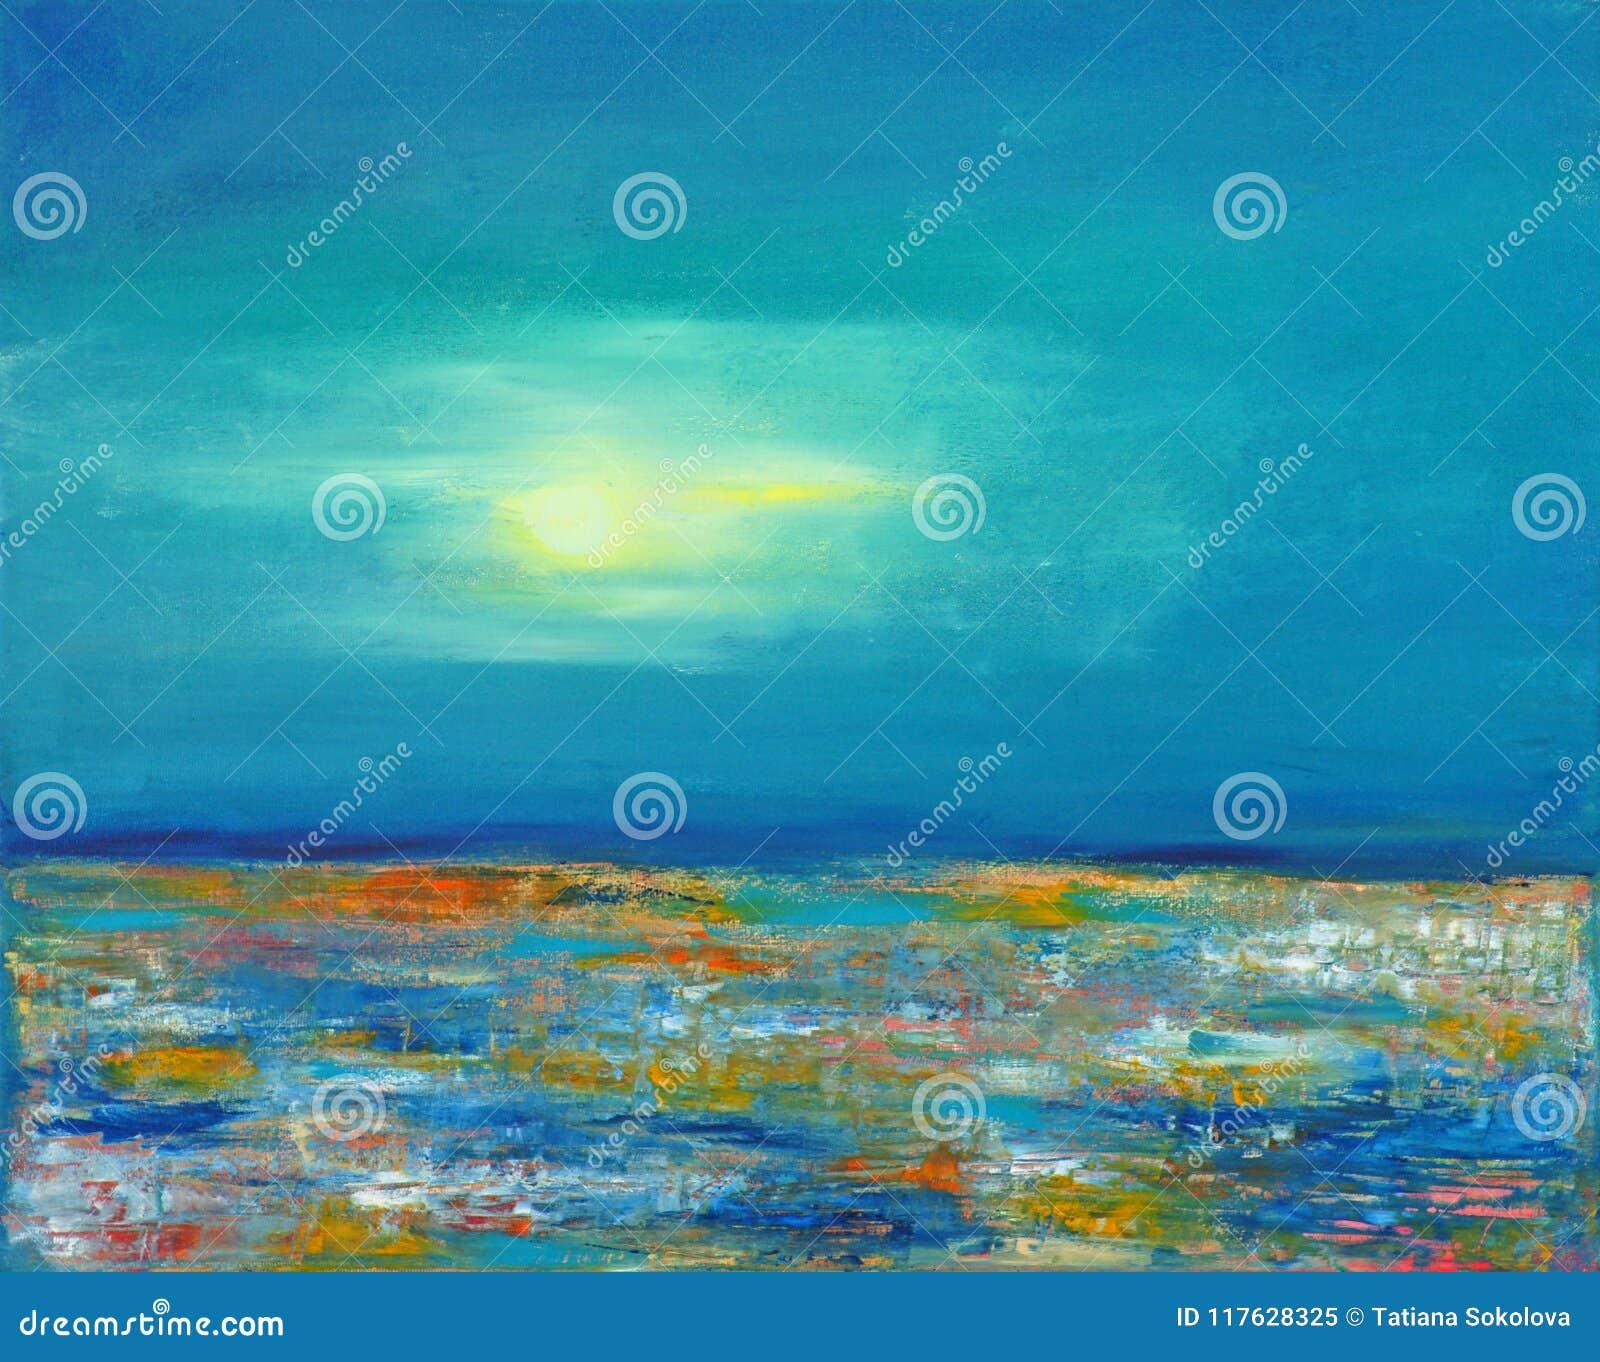 Księżyc nad kolorowym morzem